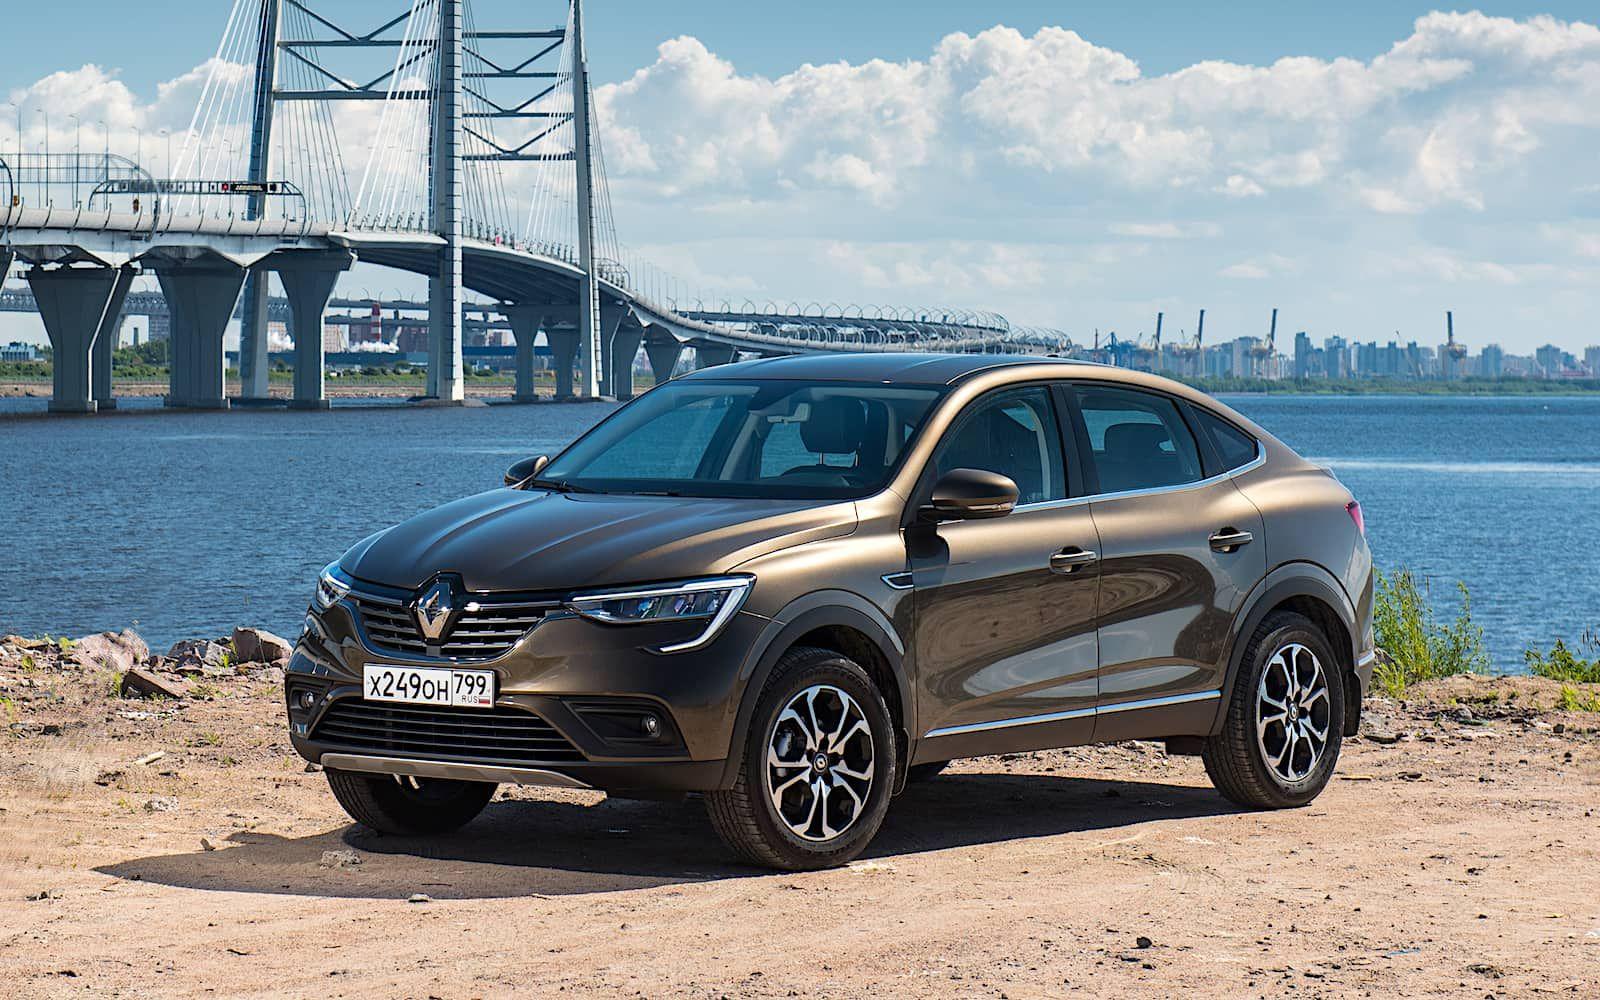 Todo Listo Para El Arribo Del Renault Arkana A Europa Fotos De